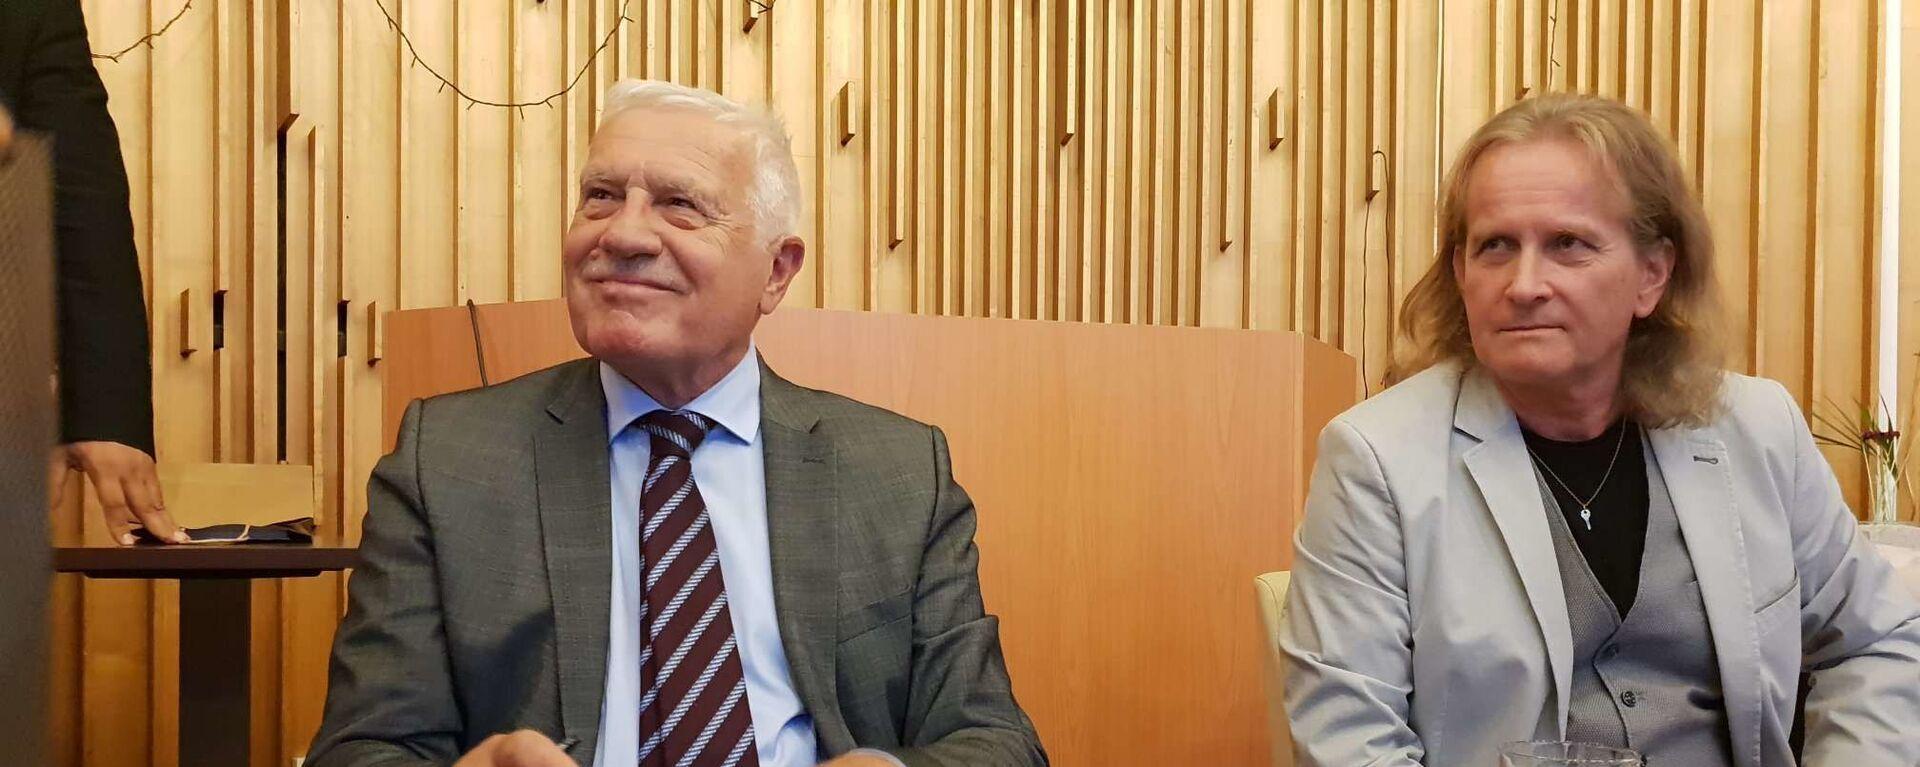 Bývalý prezident Václav Klaus a člen hnutí Trikolóra Petr Štěpánek - Sputnik Česká republika, 1920, 03.05.2021